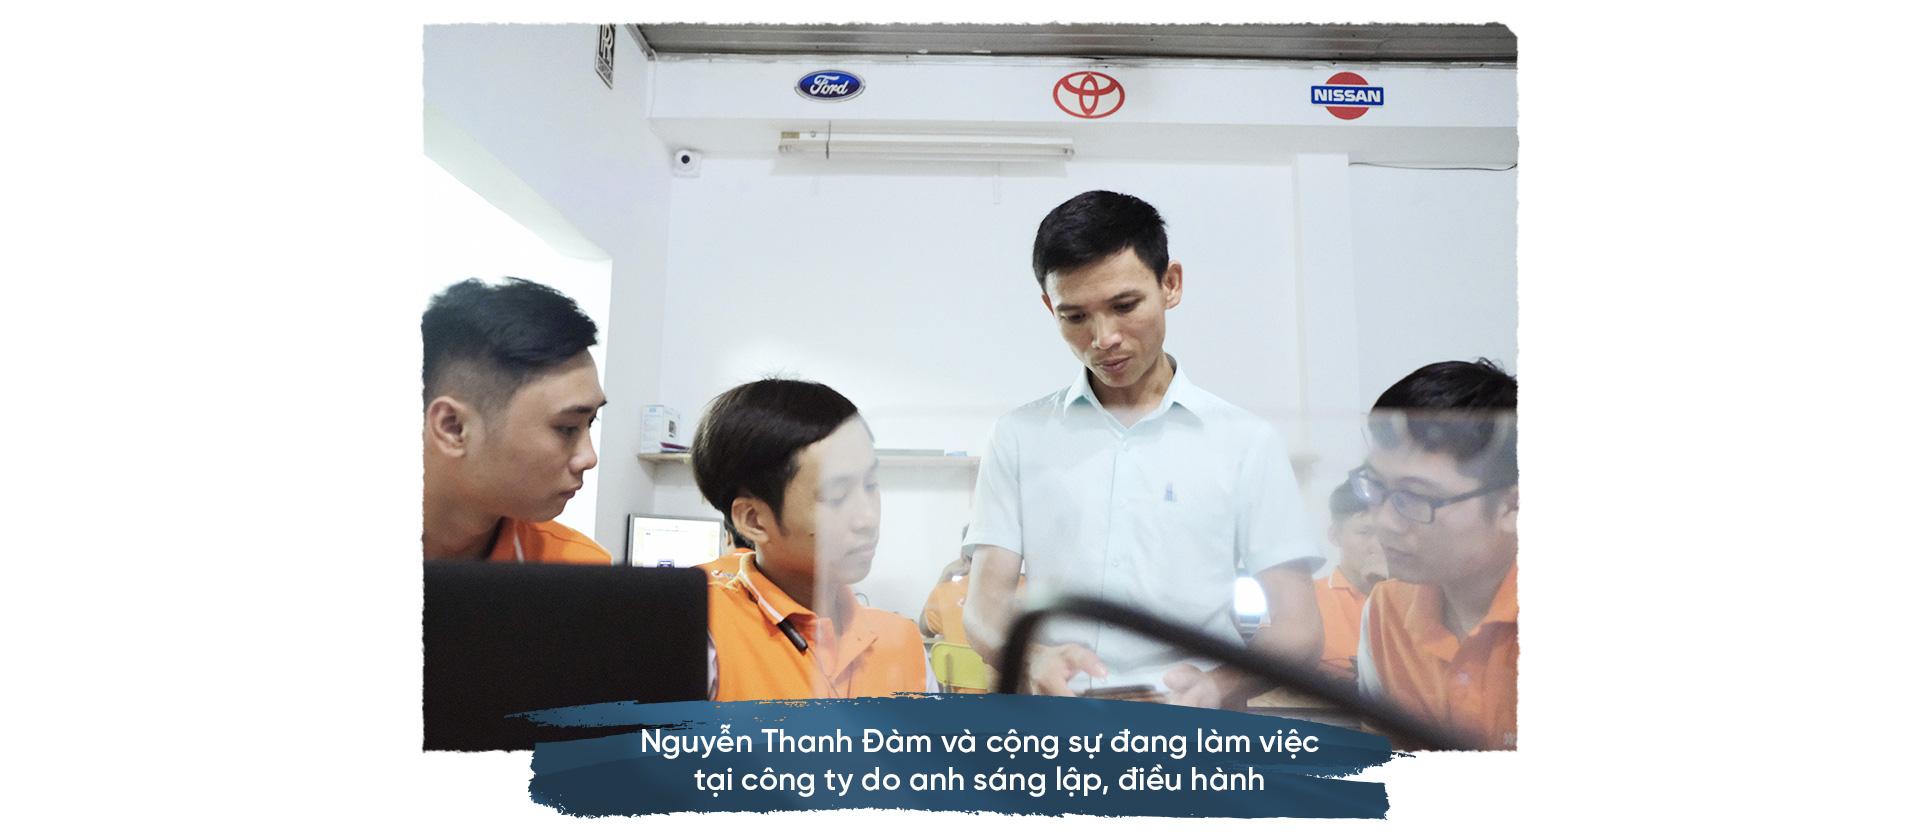 Nguyễn Thanh Đàm: Ở tận cùng đớn đau, là hi vọng - Ảnh 13.